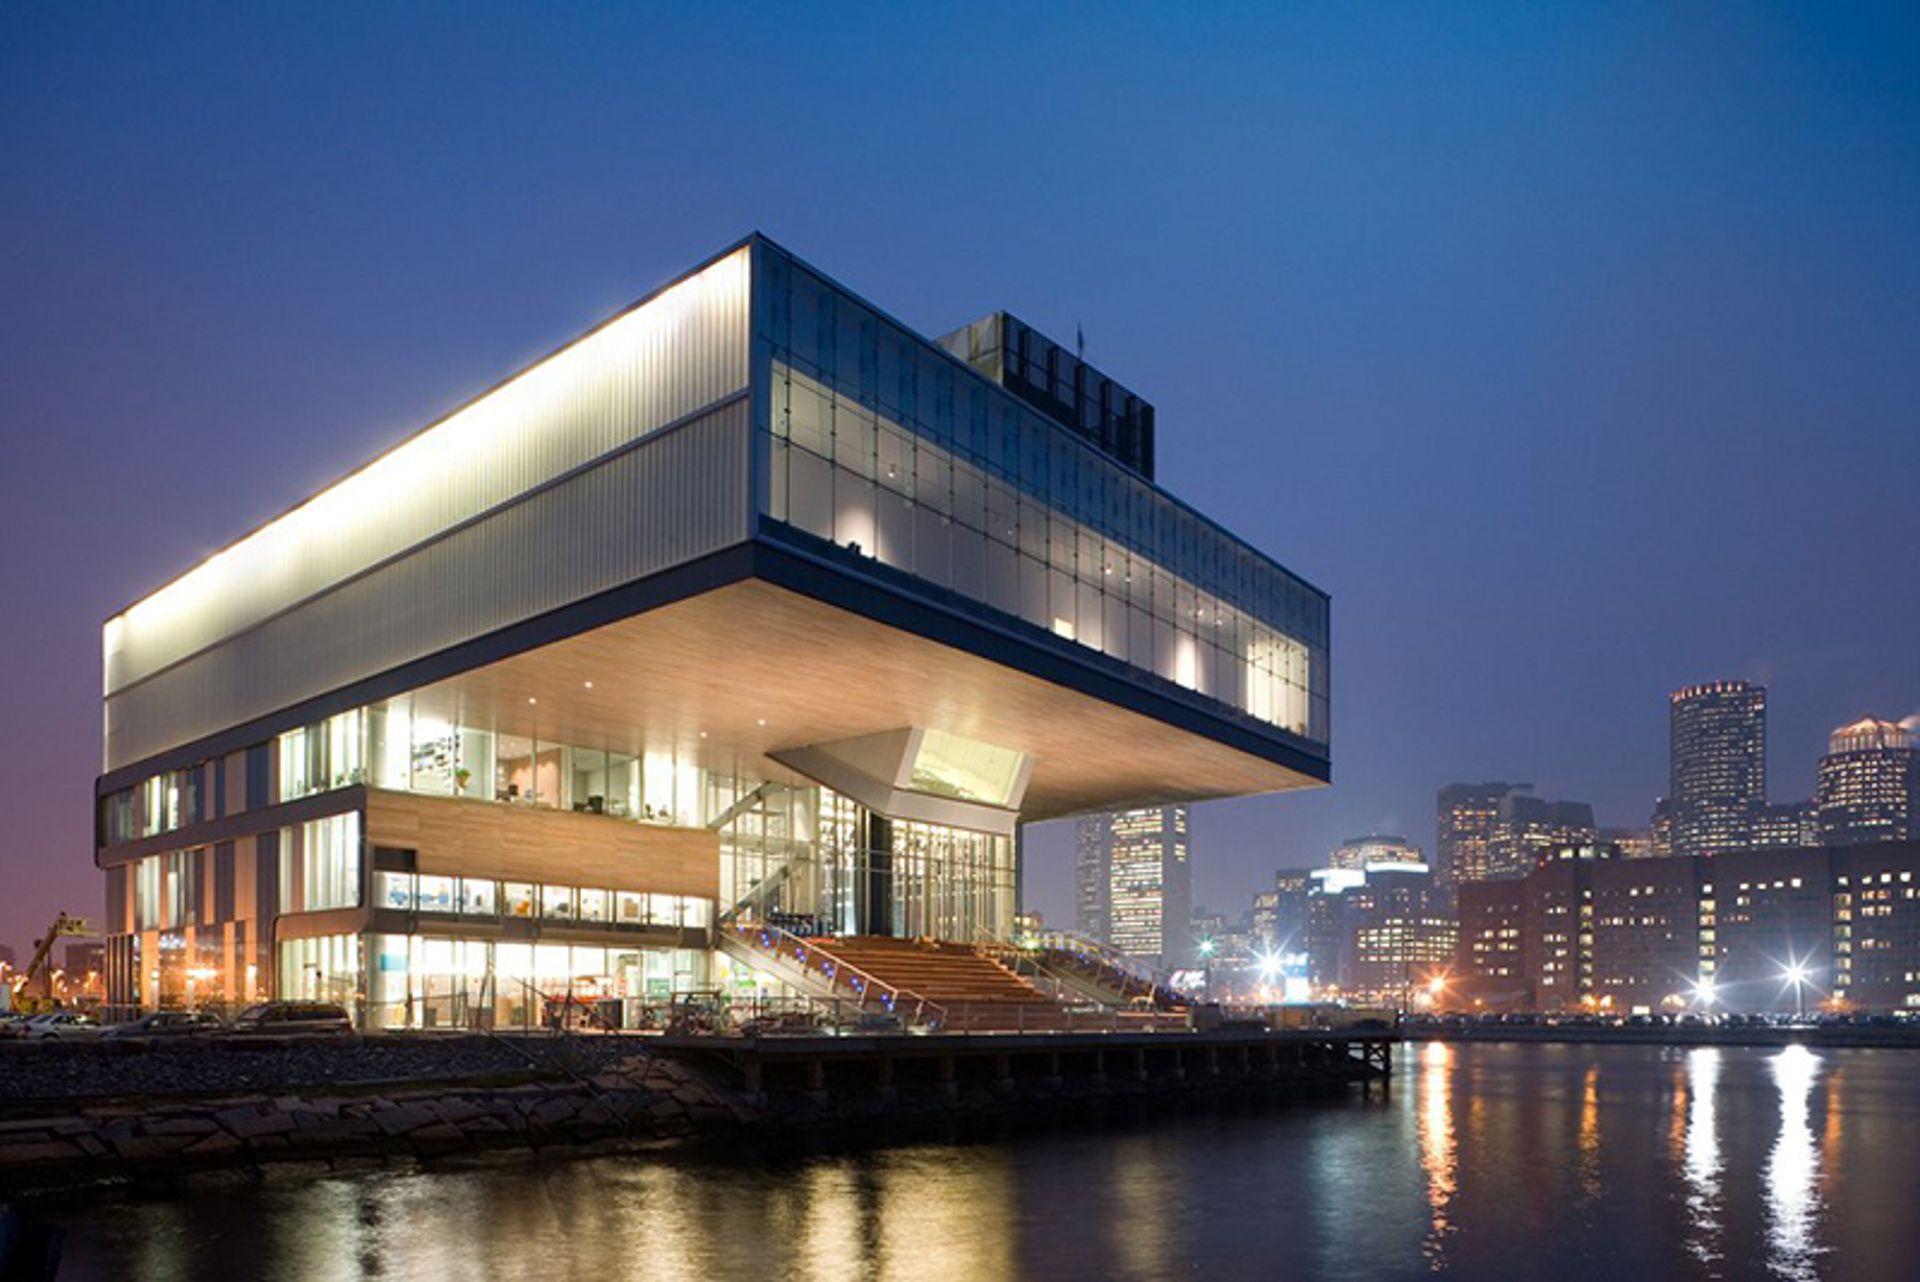 ICA Boston Diller Scofidio + Renfro Architects